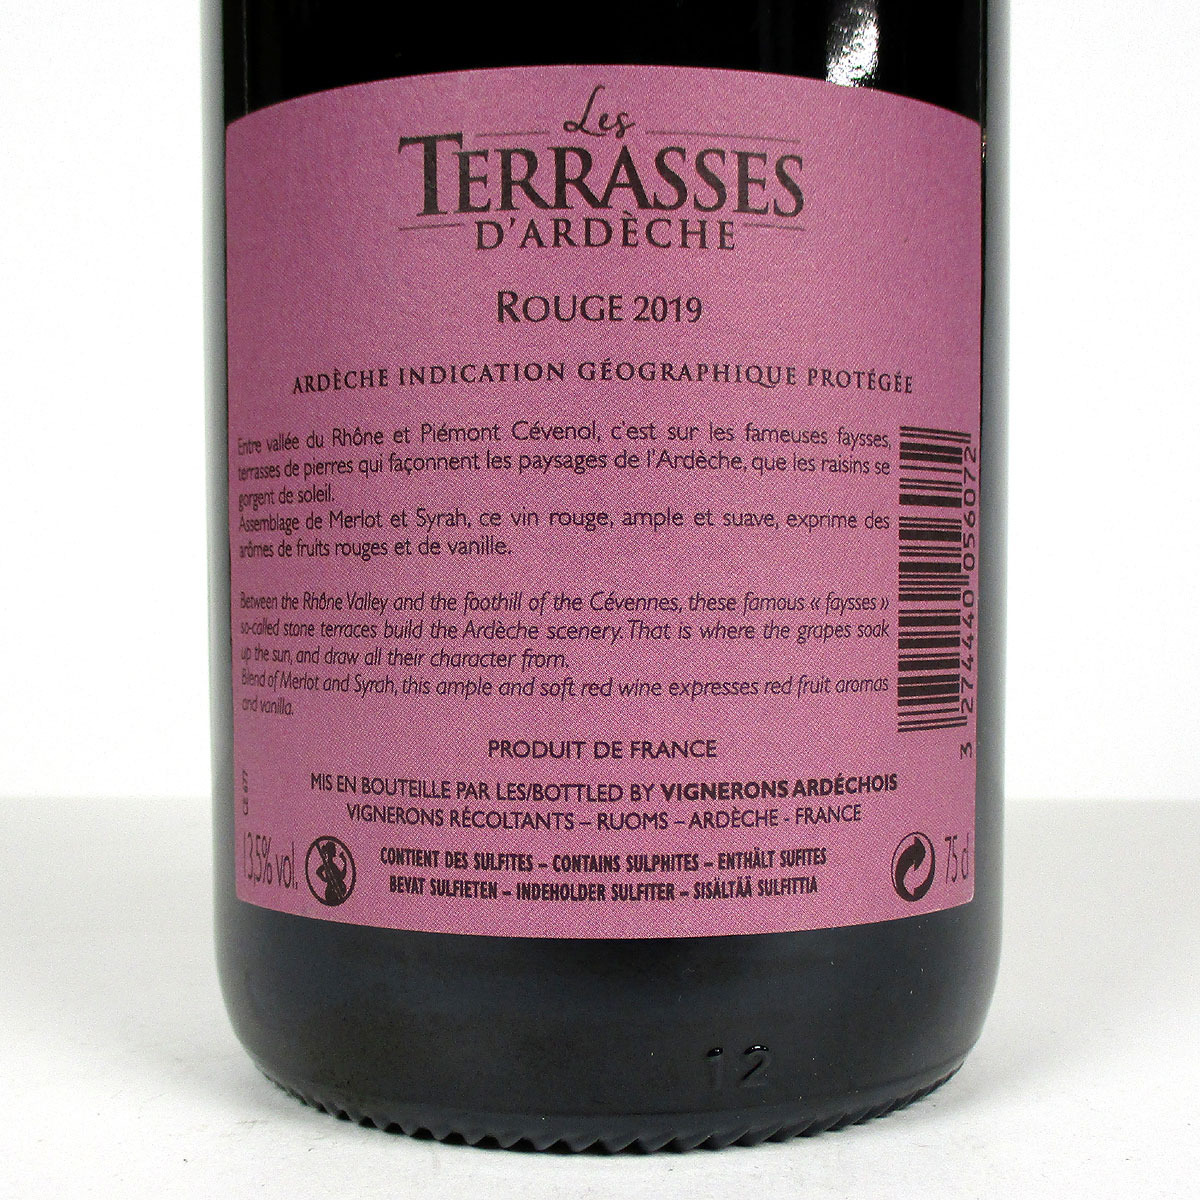 Coteaux de l'Ardèche: 'Les Terrasses' Rouge 2019 - Bottle Rear Label